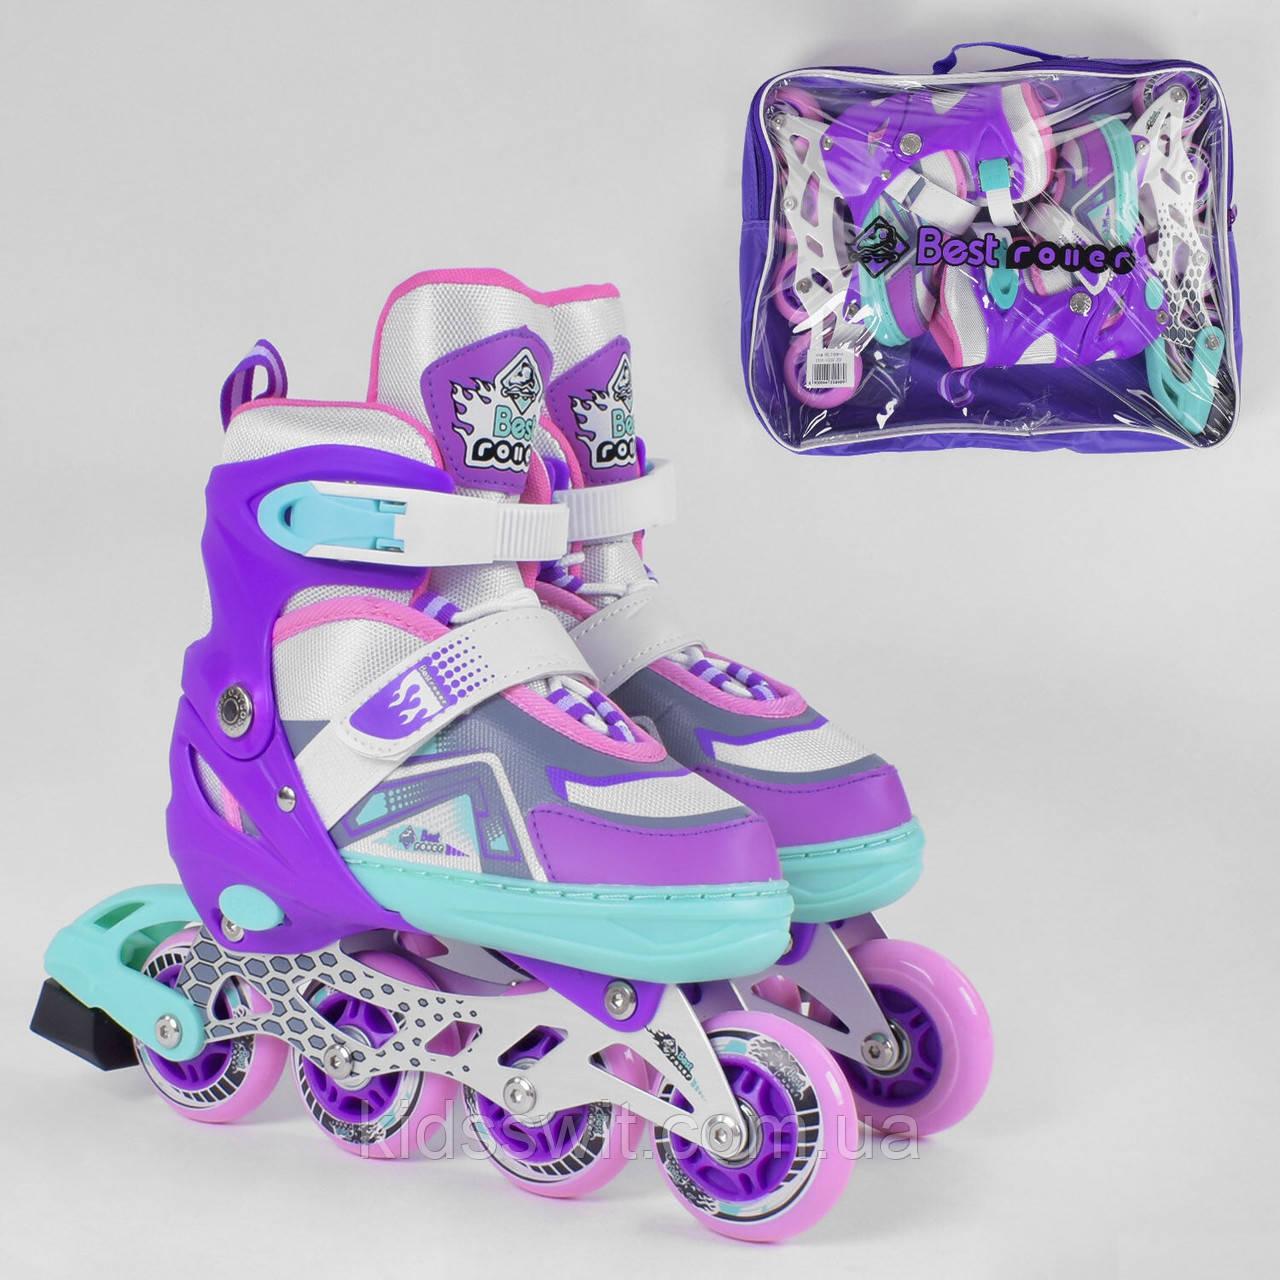 Ролики Best Roller /розмір 34-37/ колір - фіолетовий PU колеса, переднє колесо світло, в сумці, 2165-М